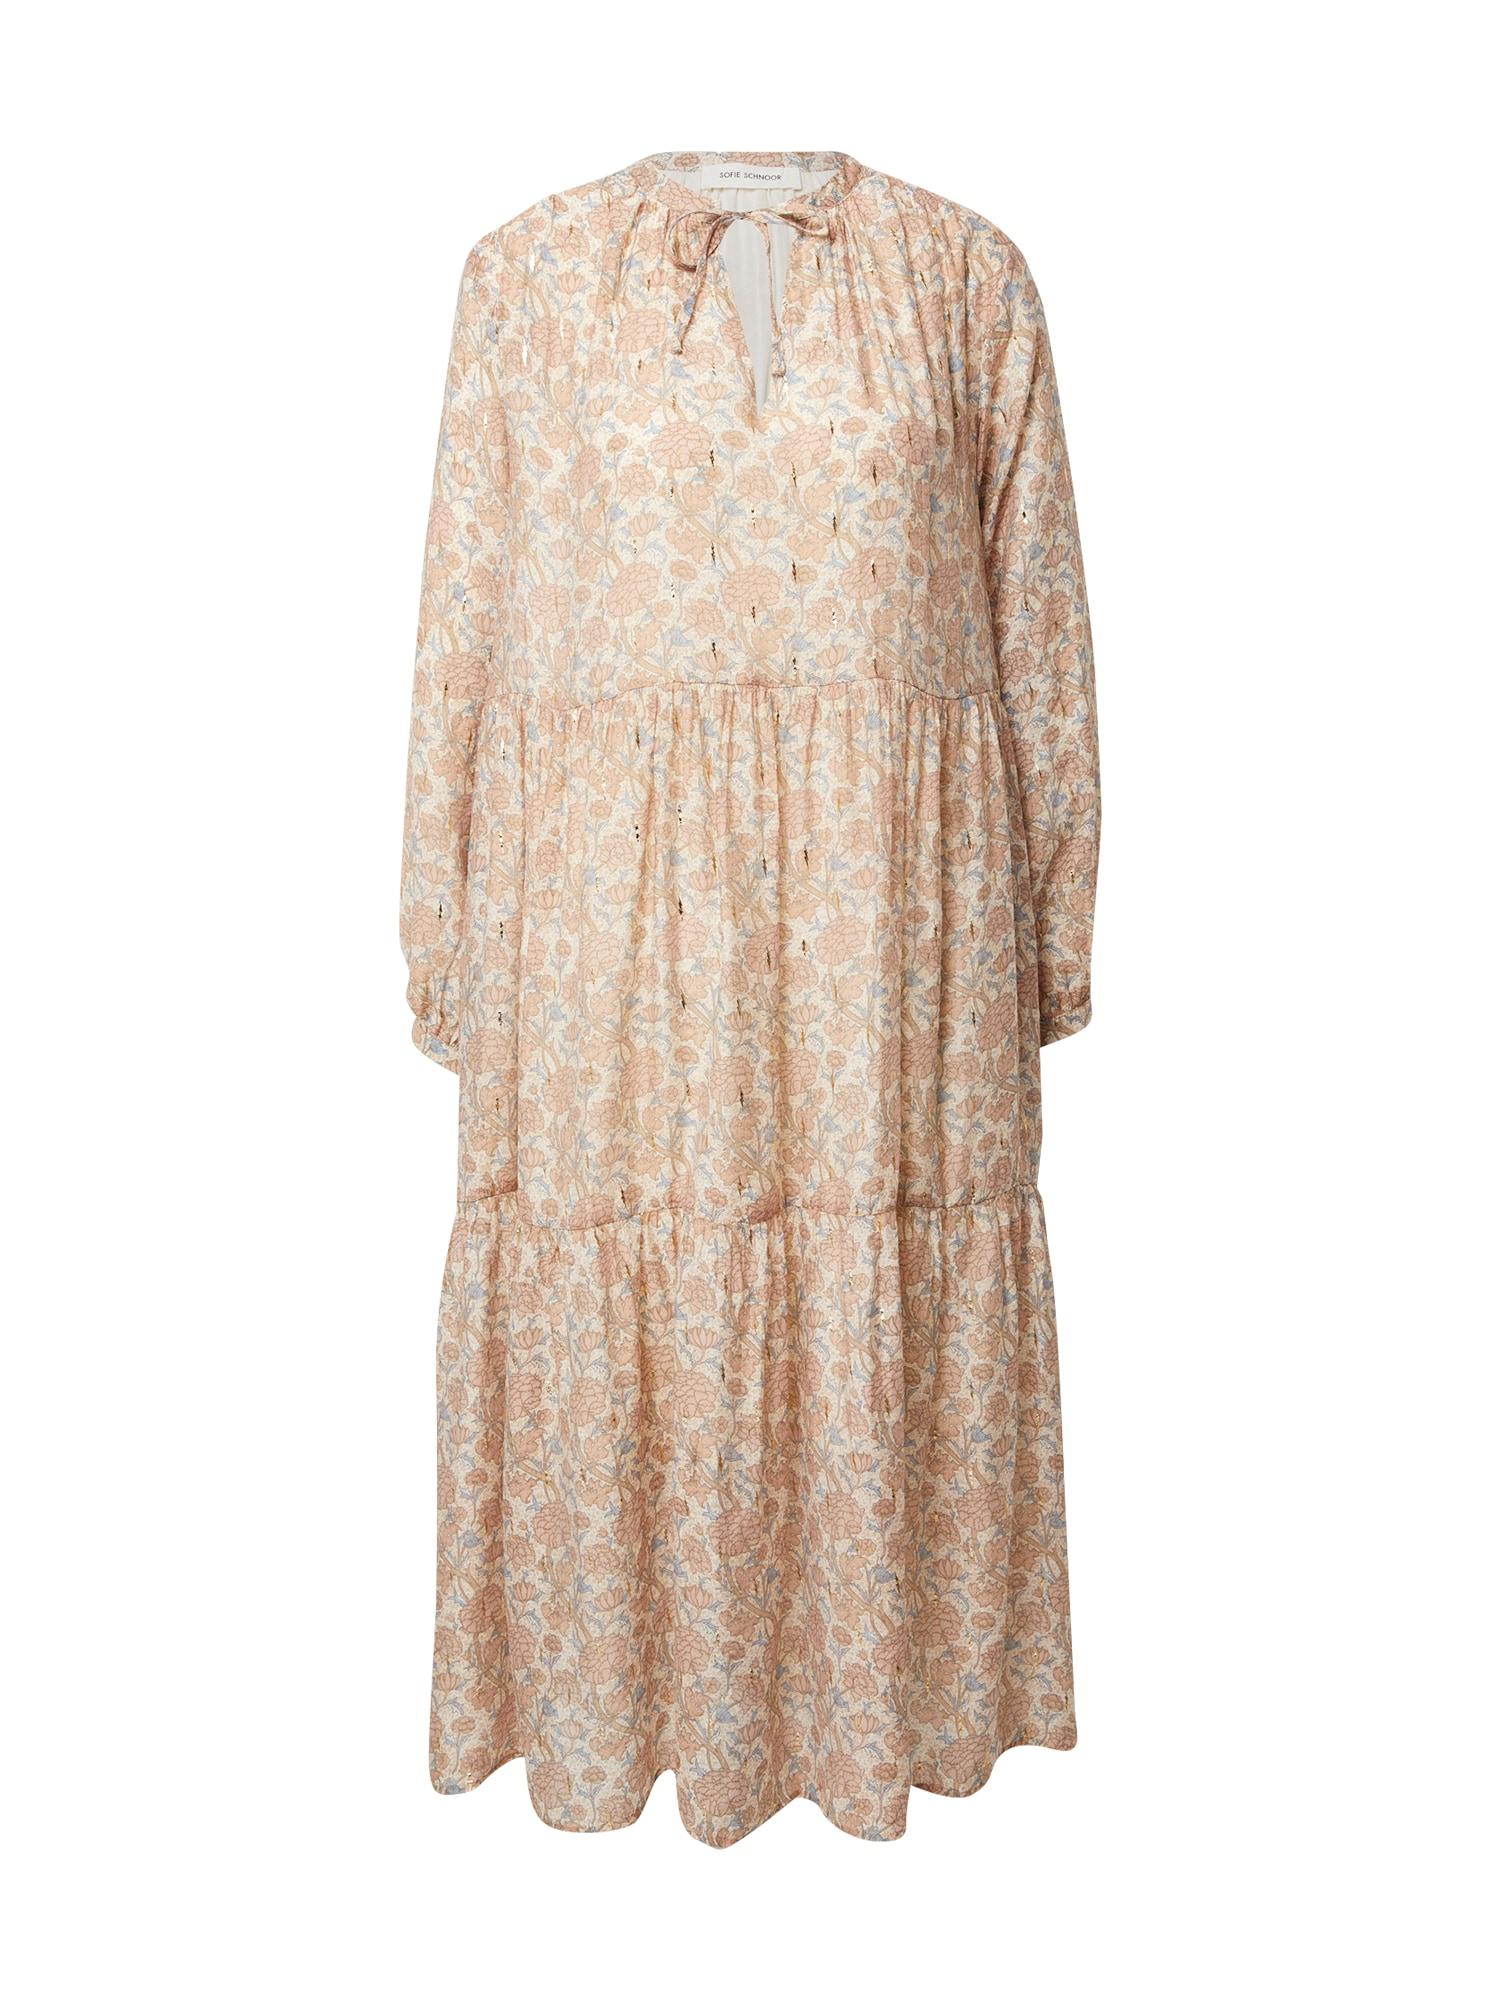 Sofie Schnoor Palaidinės tipo suknelė ryškiai rožinė spalva / kremo / šviesiai mėlyna